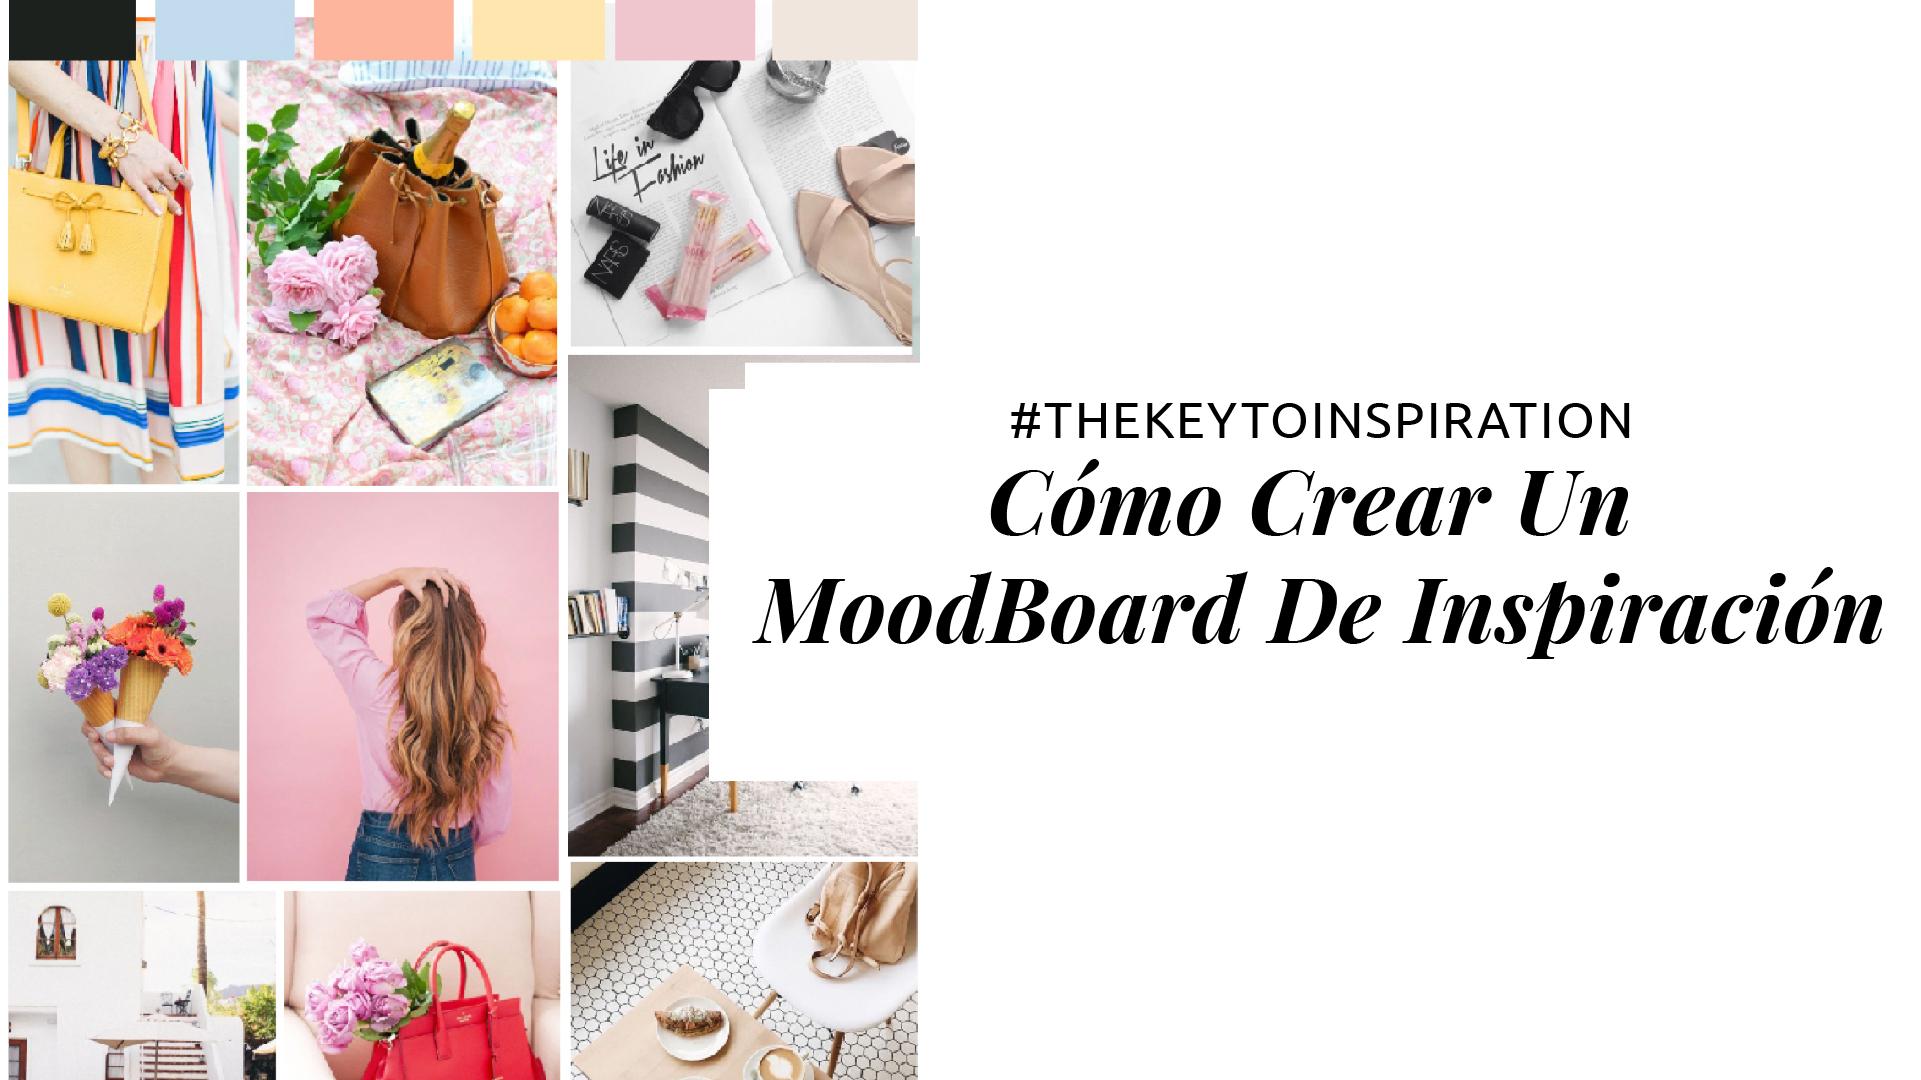 Cómo Crear Un Moodboard De Inspiración - Video Tutorial